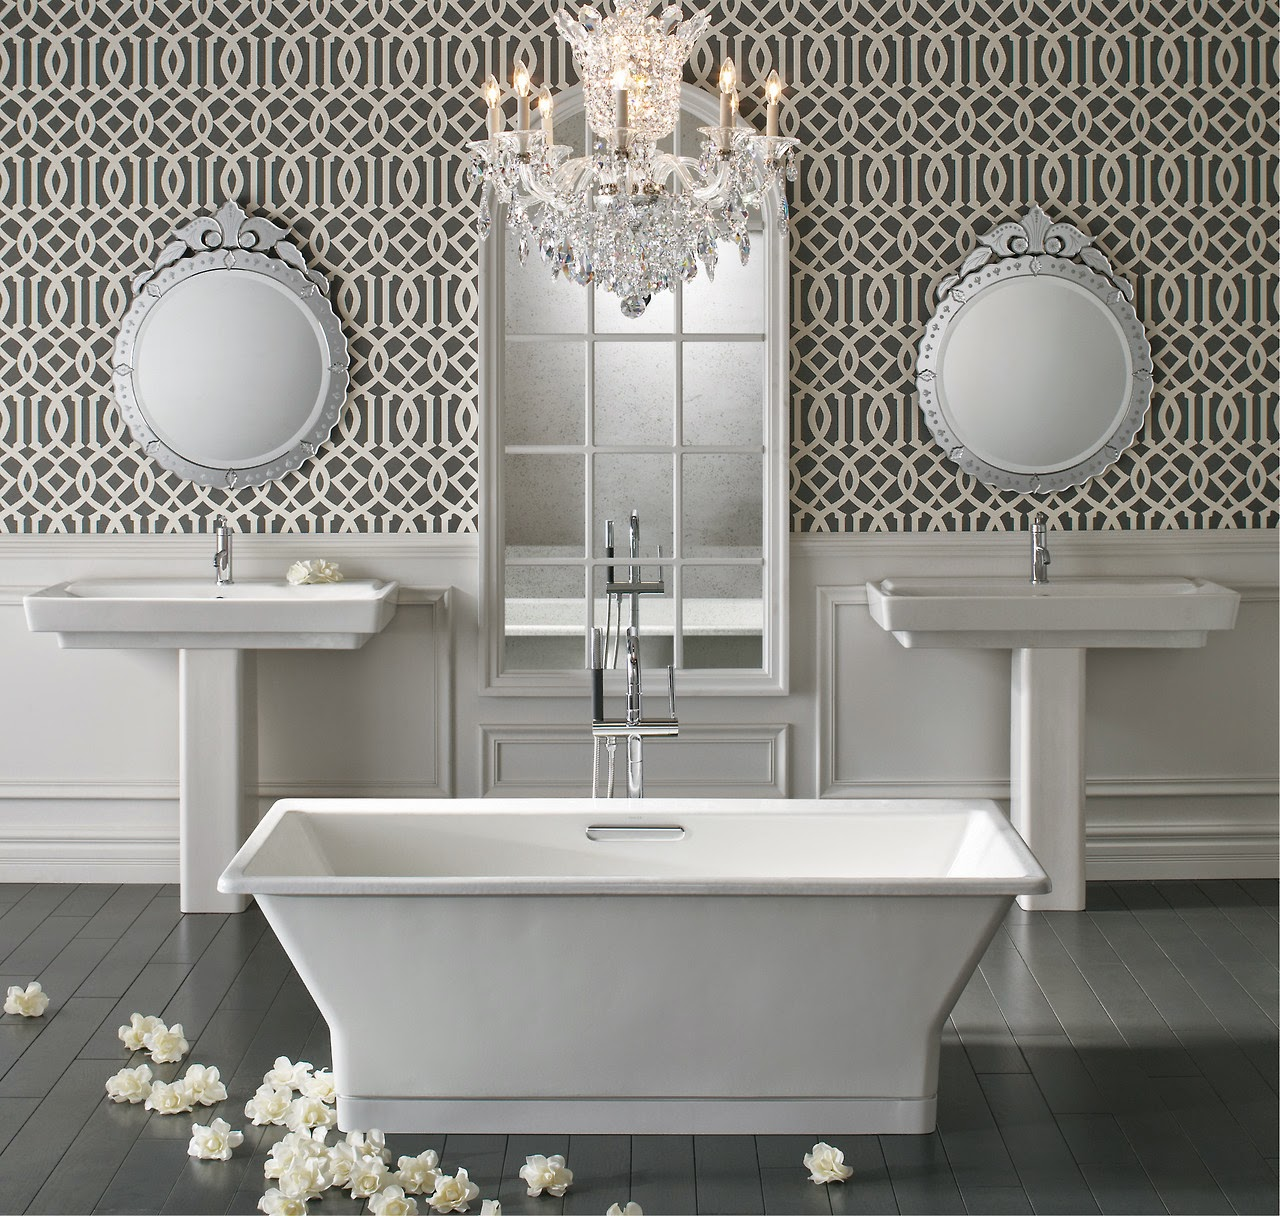 Bức tường cá tính làm nổi bật bồn tắm đặt sàn